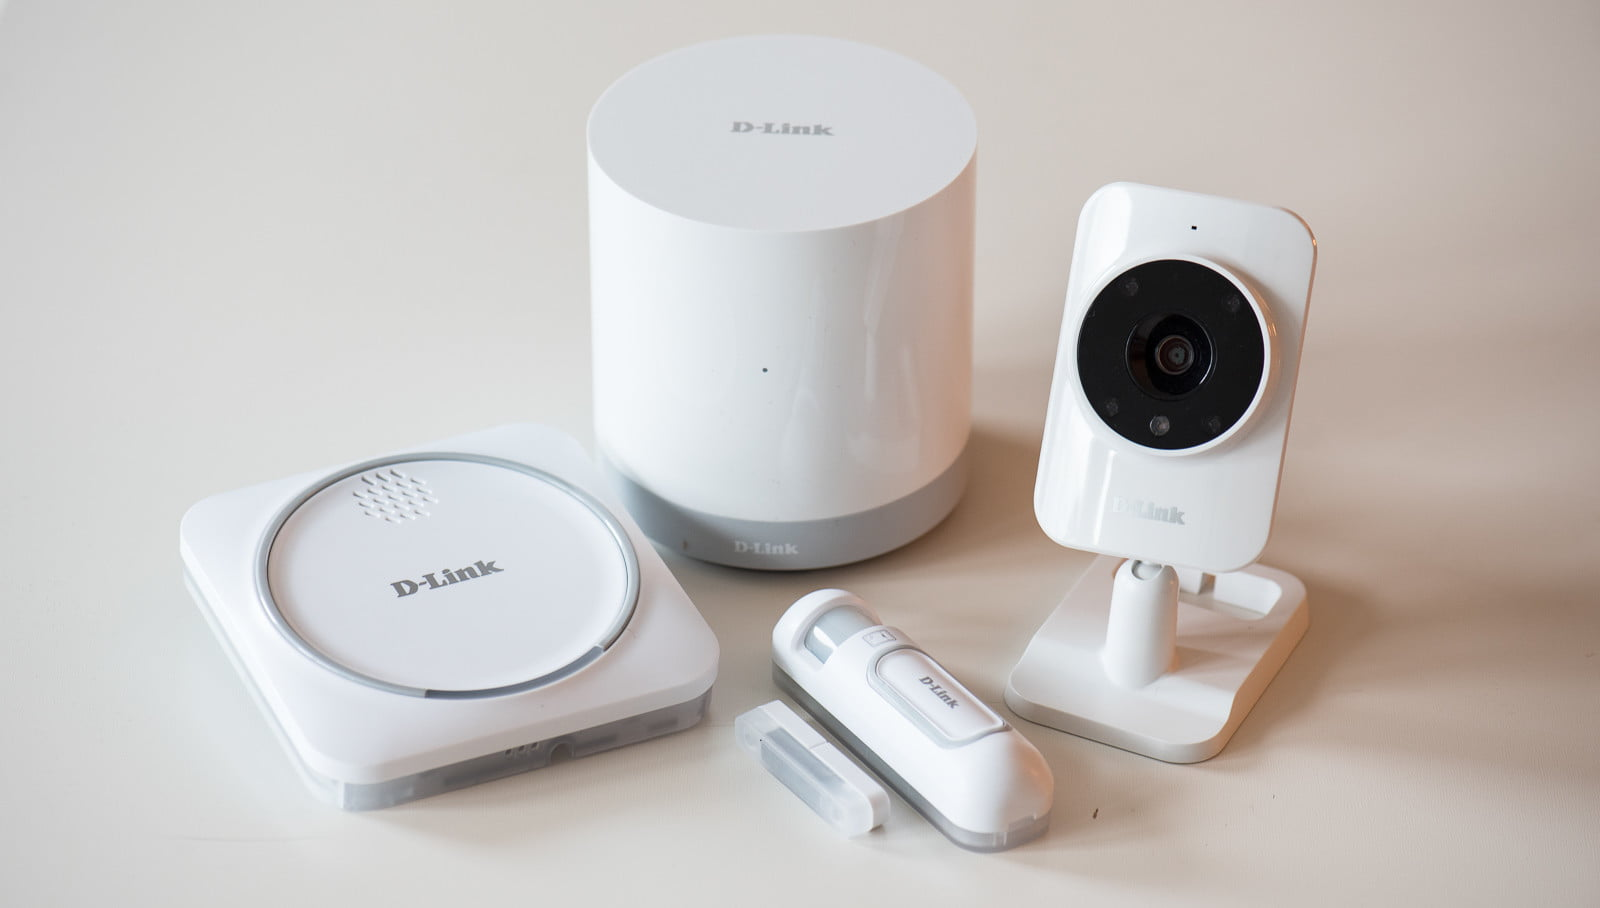 d link smart home security kit l s allt hos. Black Bedroom Furniture Sets. Home Design Ideas